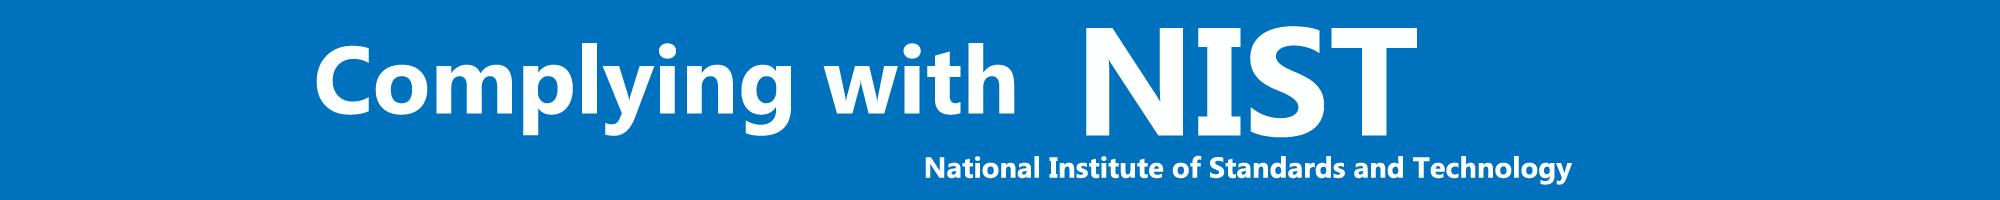 NIST Banner